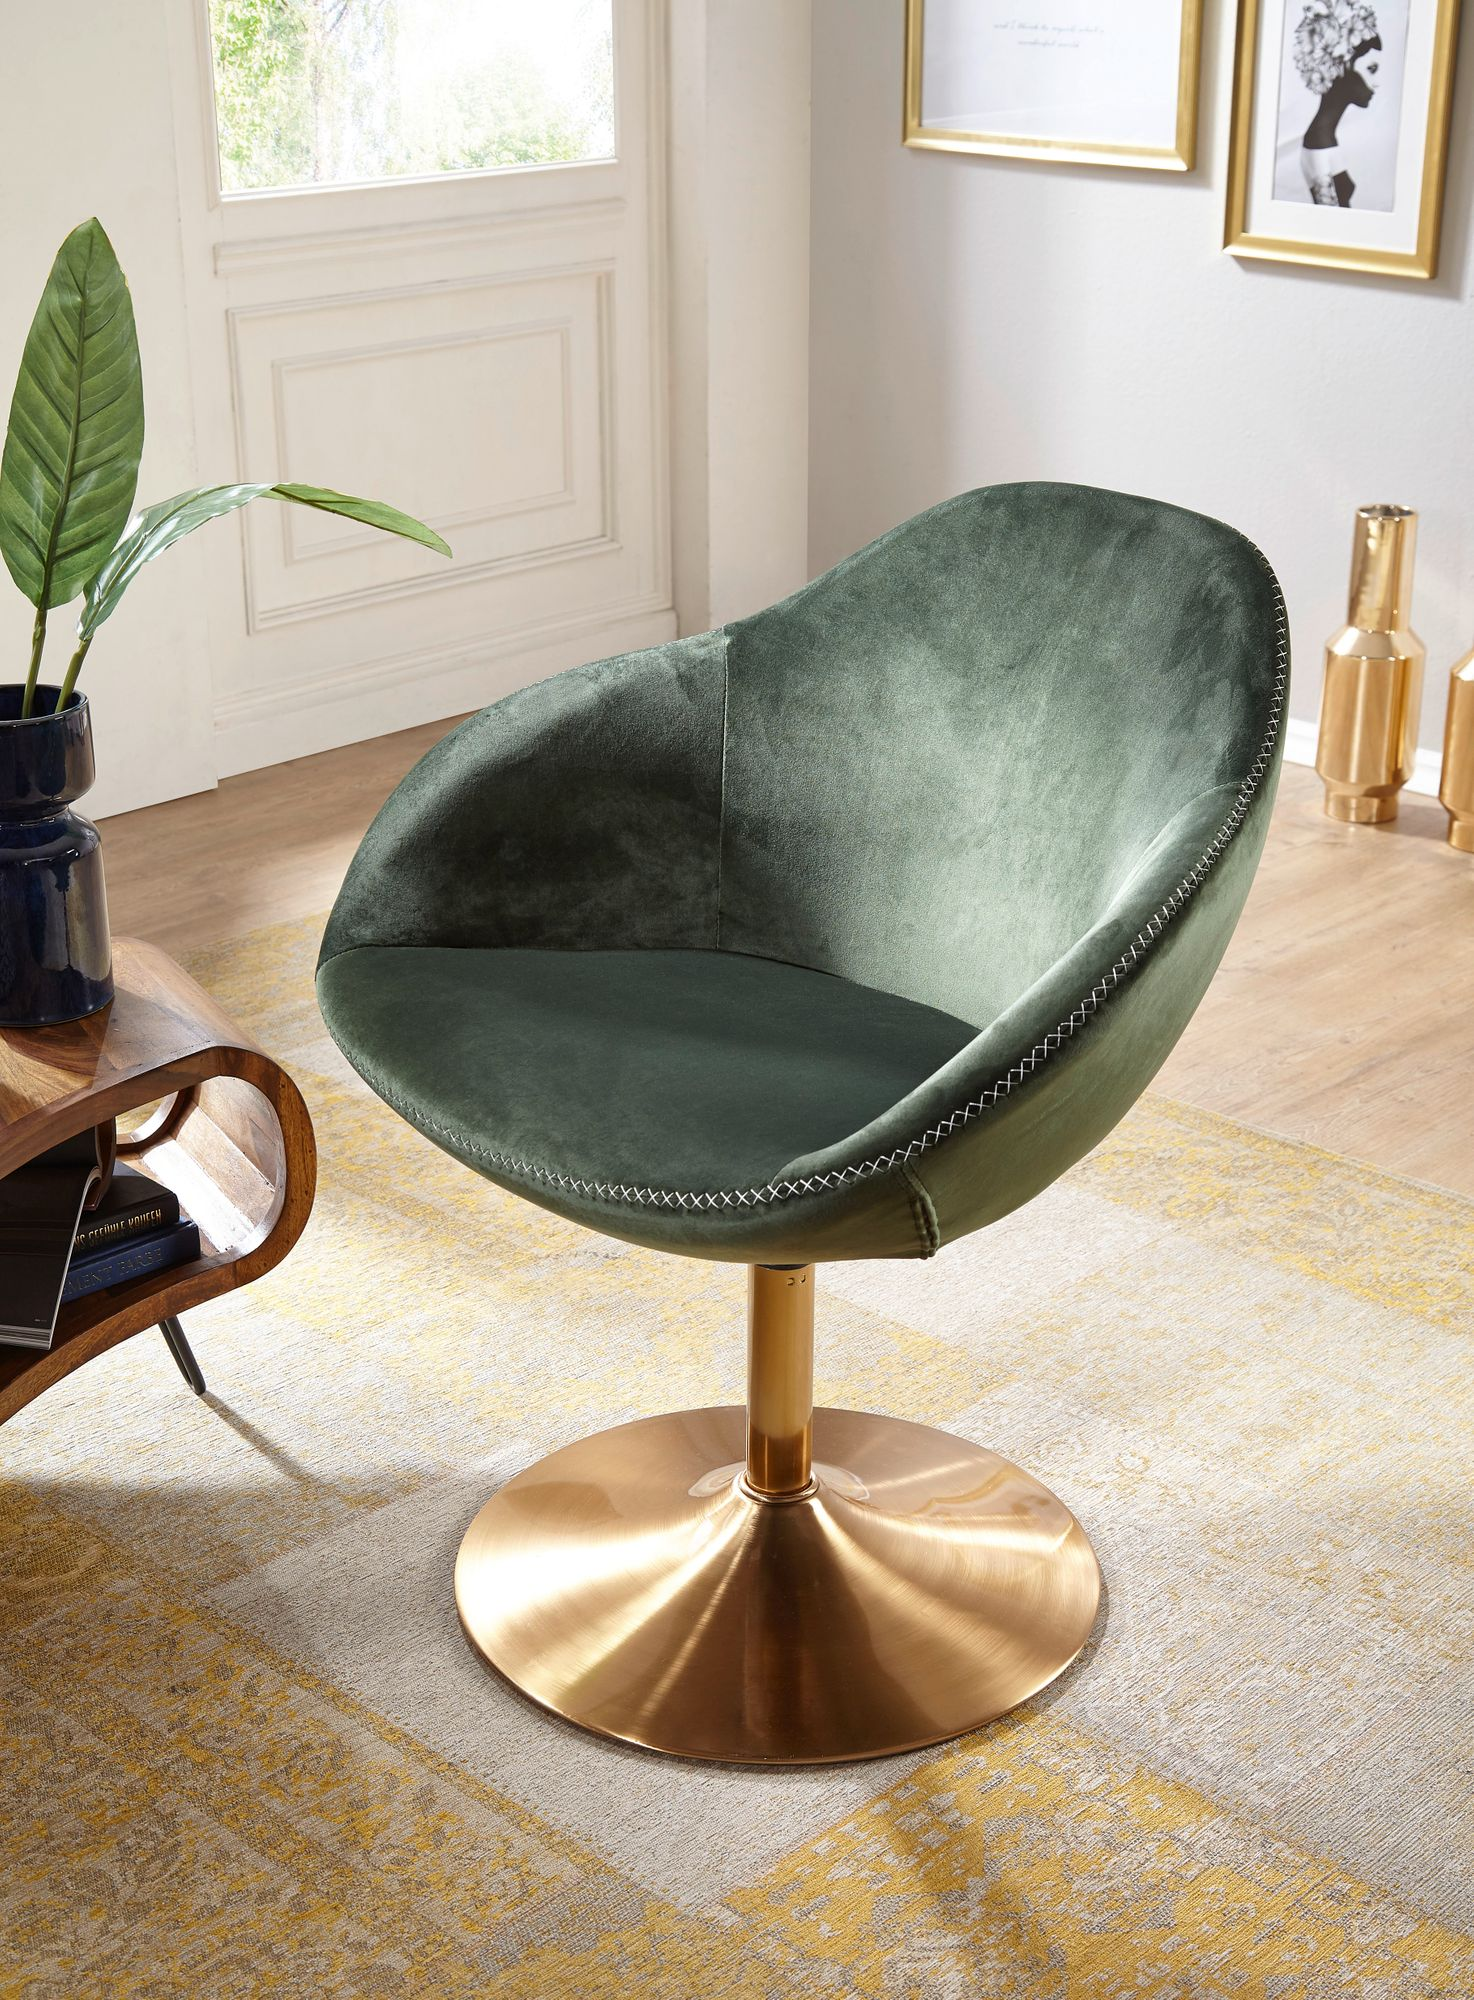 Wohnling Loungesessel Sarin Samt Grun Gold 70x79x70 Cm Design Drehstuhl